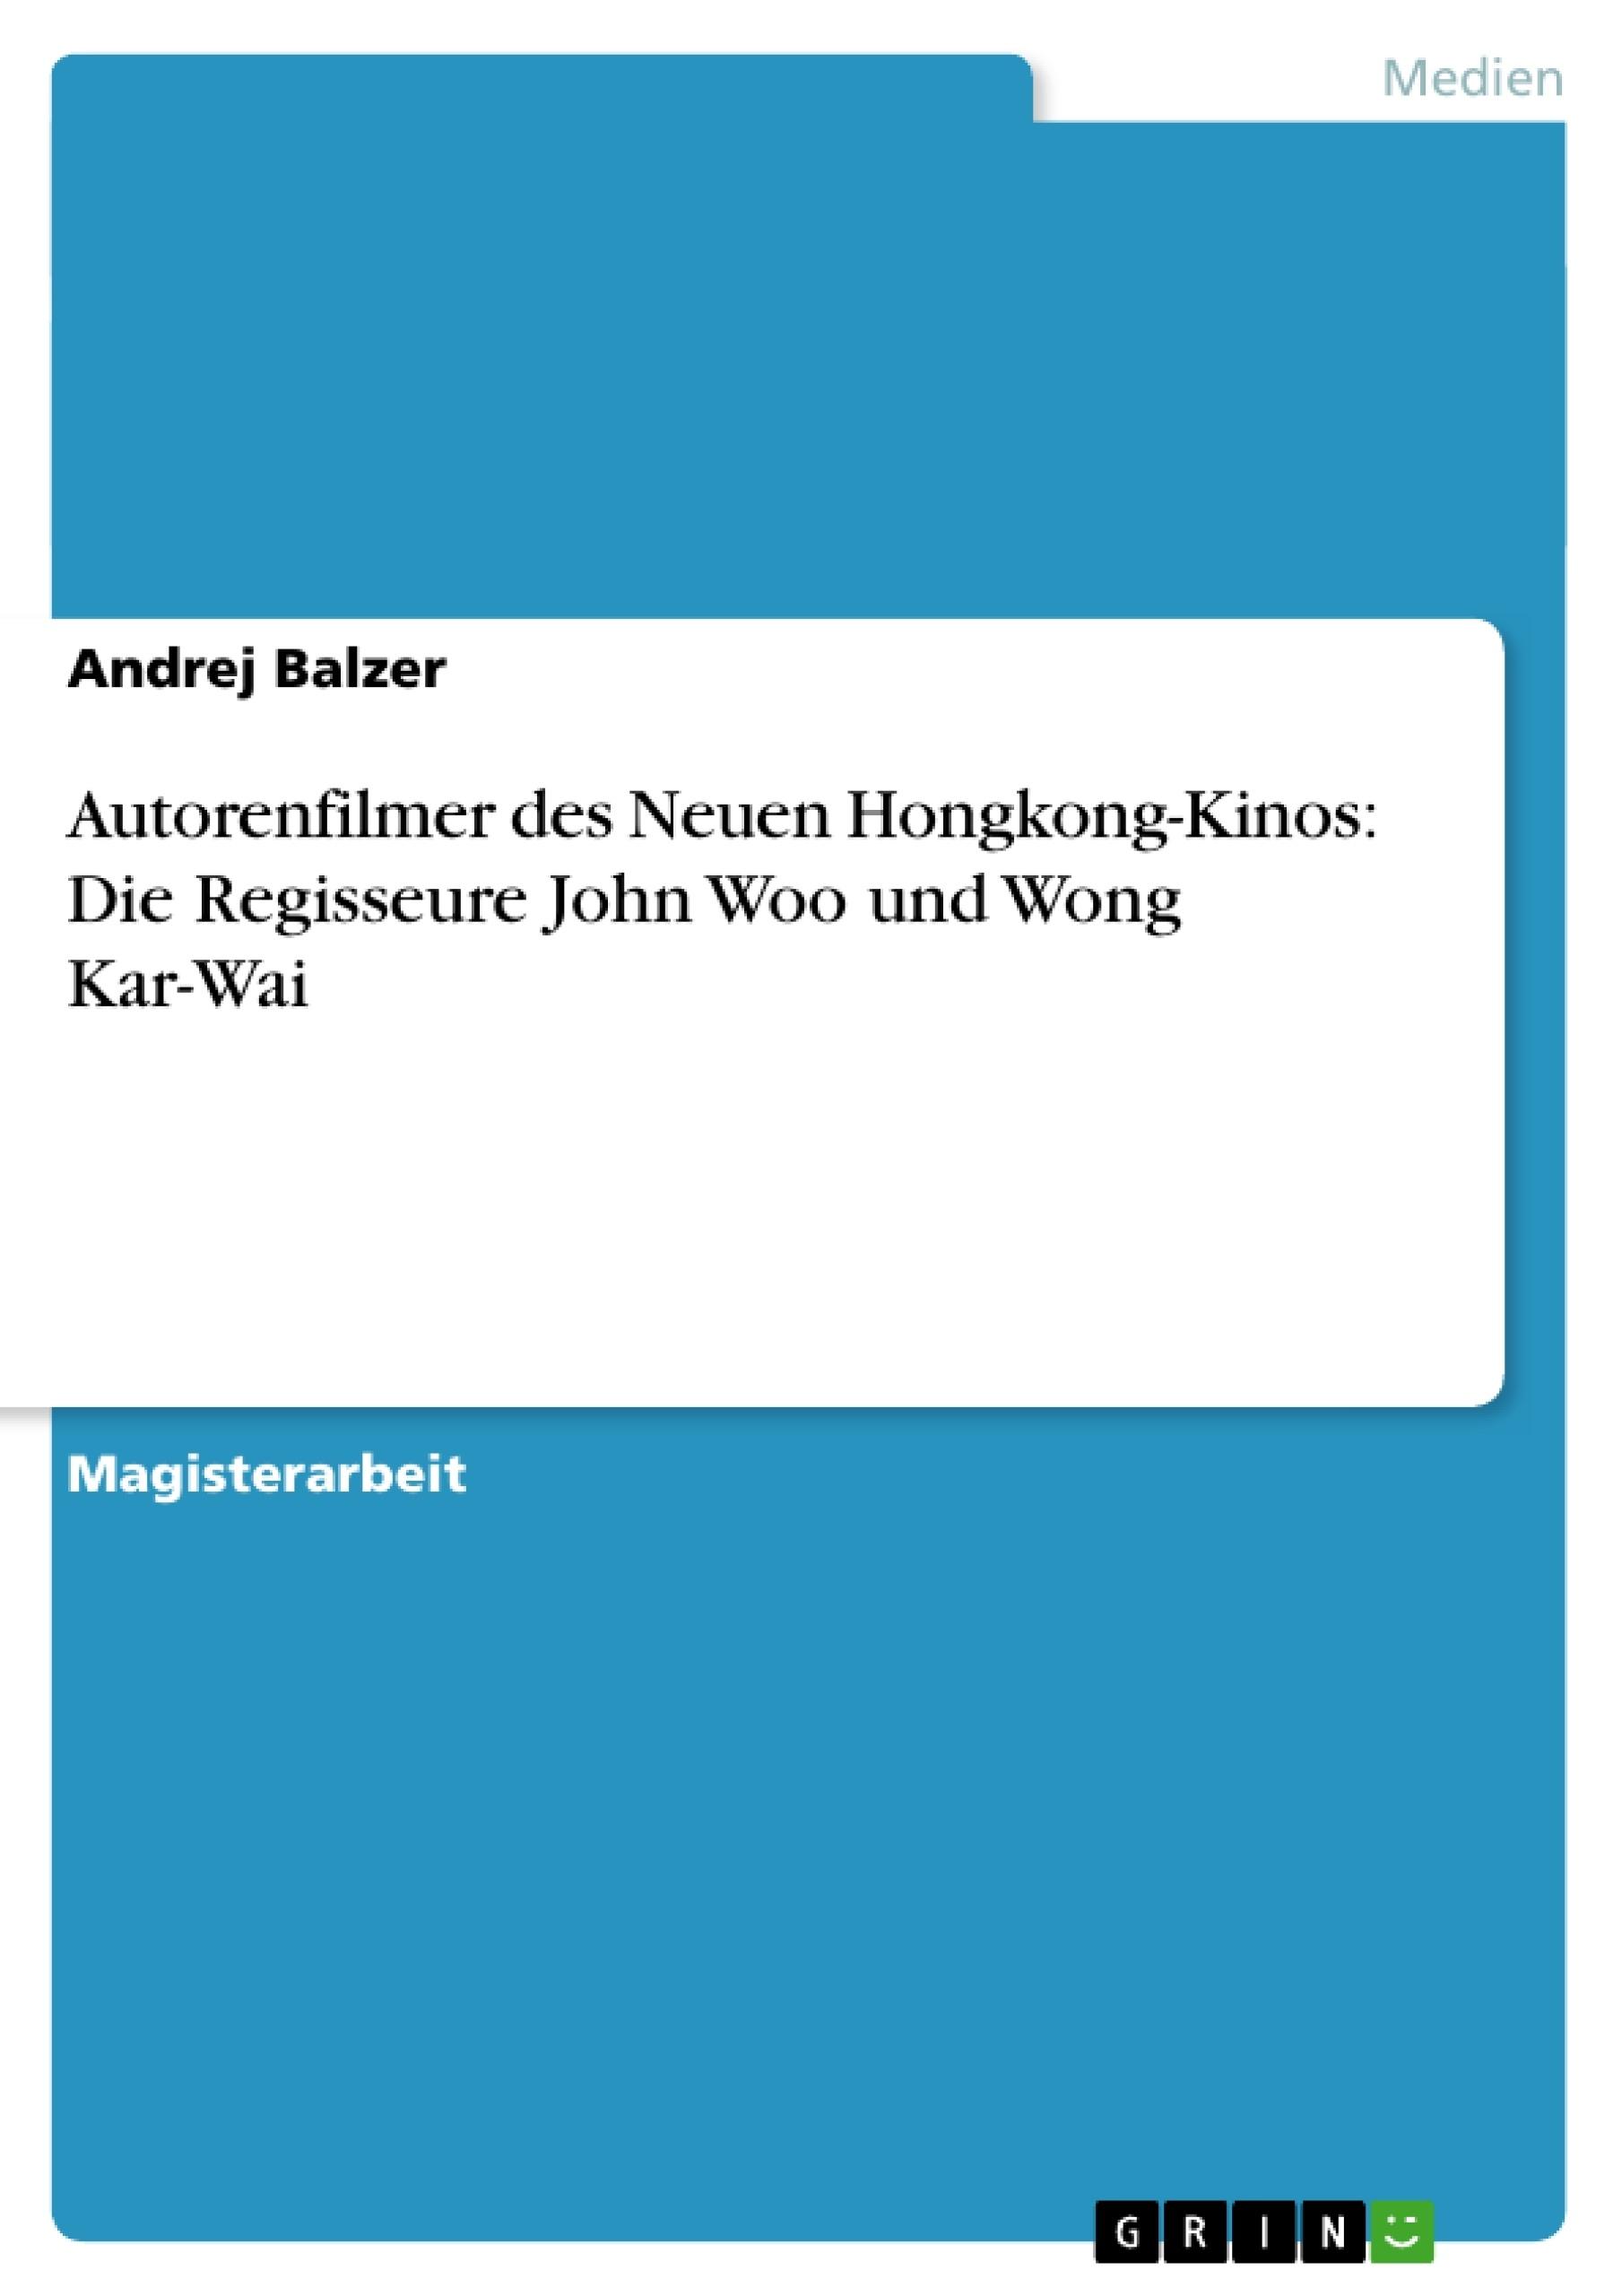 Titel: Autorenfilmer des Neuen Hongkong-Kinos: Die Regisseure John Woo und Wong Kar-Wai